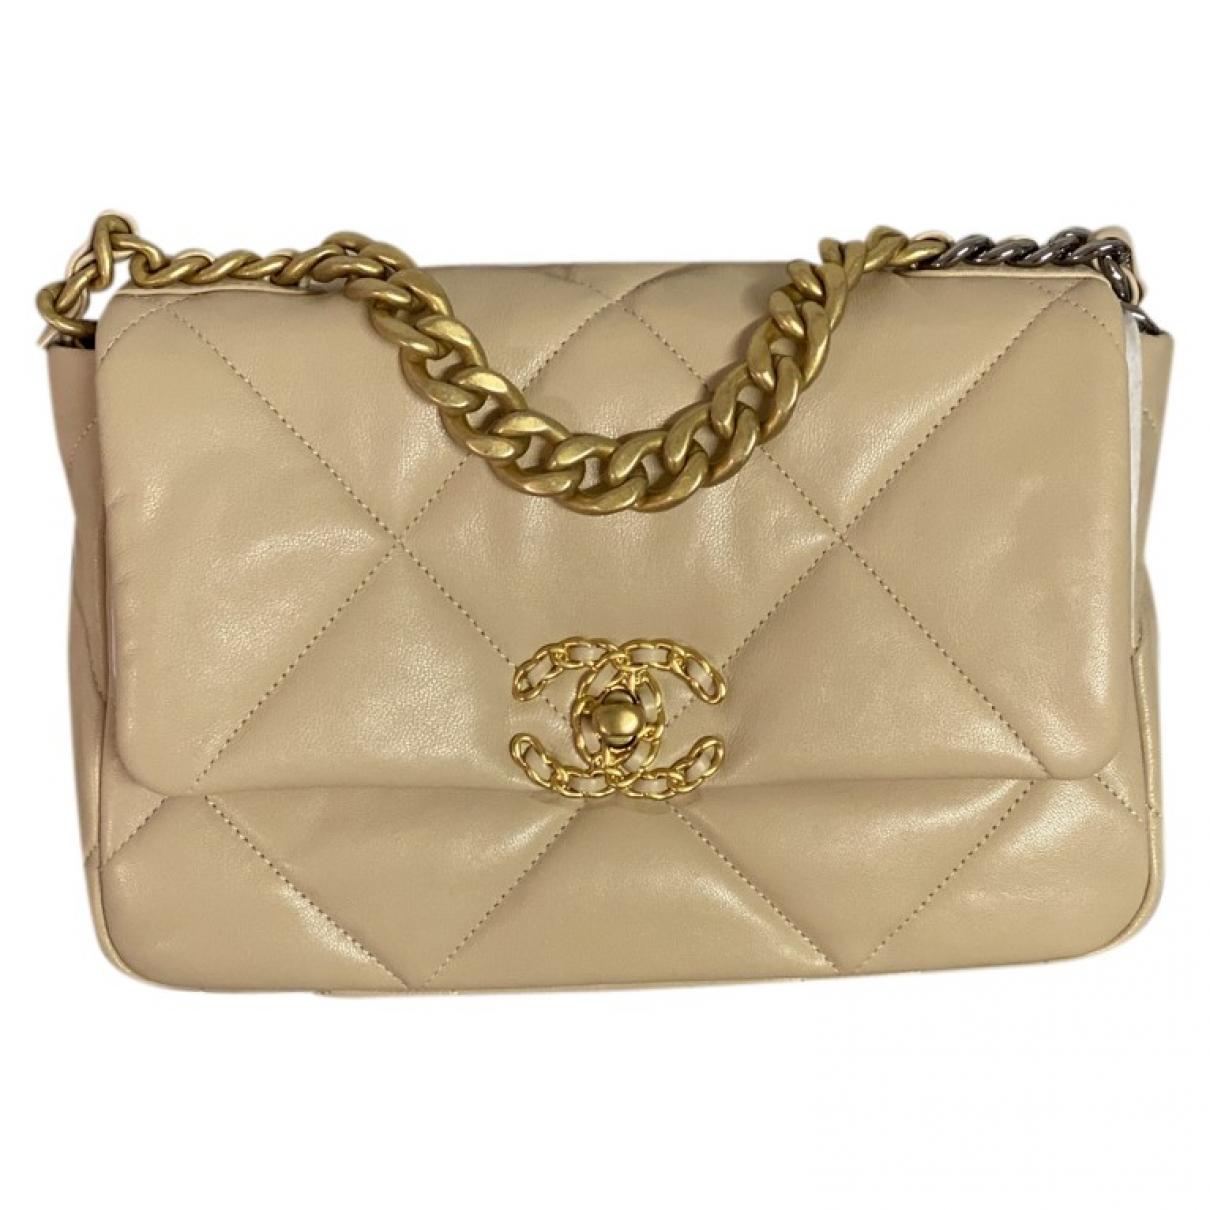 Chanel - Sac a main Chanel 19 pour femme en cuir - beige